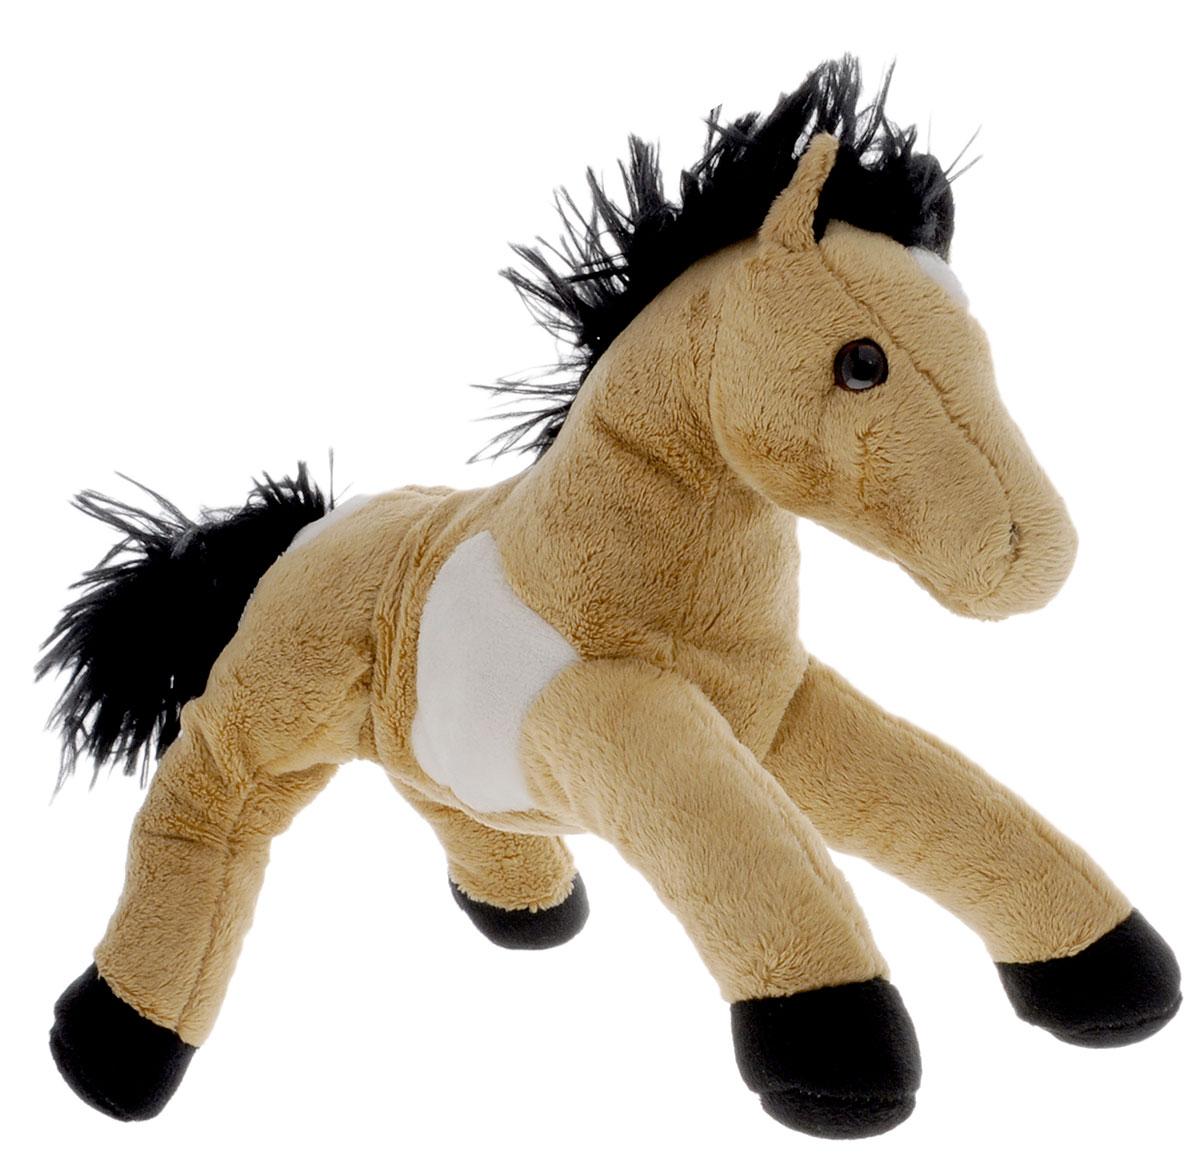 Fancy Мягкая игрушка Лошадь пятнистая 31 смDA-2872Очаровательная мягкая игрушка Fancy Лошадь пятнистая принесет радость и подарит своему обладателю мгновения нежных объятий и приятных воспоминаний. Глаза игрушки выполнены из пластика. Игрушка обладает стильным и неповторимым дизайном, необычной формой и расцветкой. Мягкая игрушка Fancy Лошадь пятнистая изготовлена из экологически чистых материалов, не деформируется и не теряет внешний вид после длительного использования. Великолепное качество исполнения делает эту игрушку чудесным подарком к любому празднику, как для ребенка, так и для взрослых.